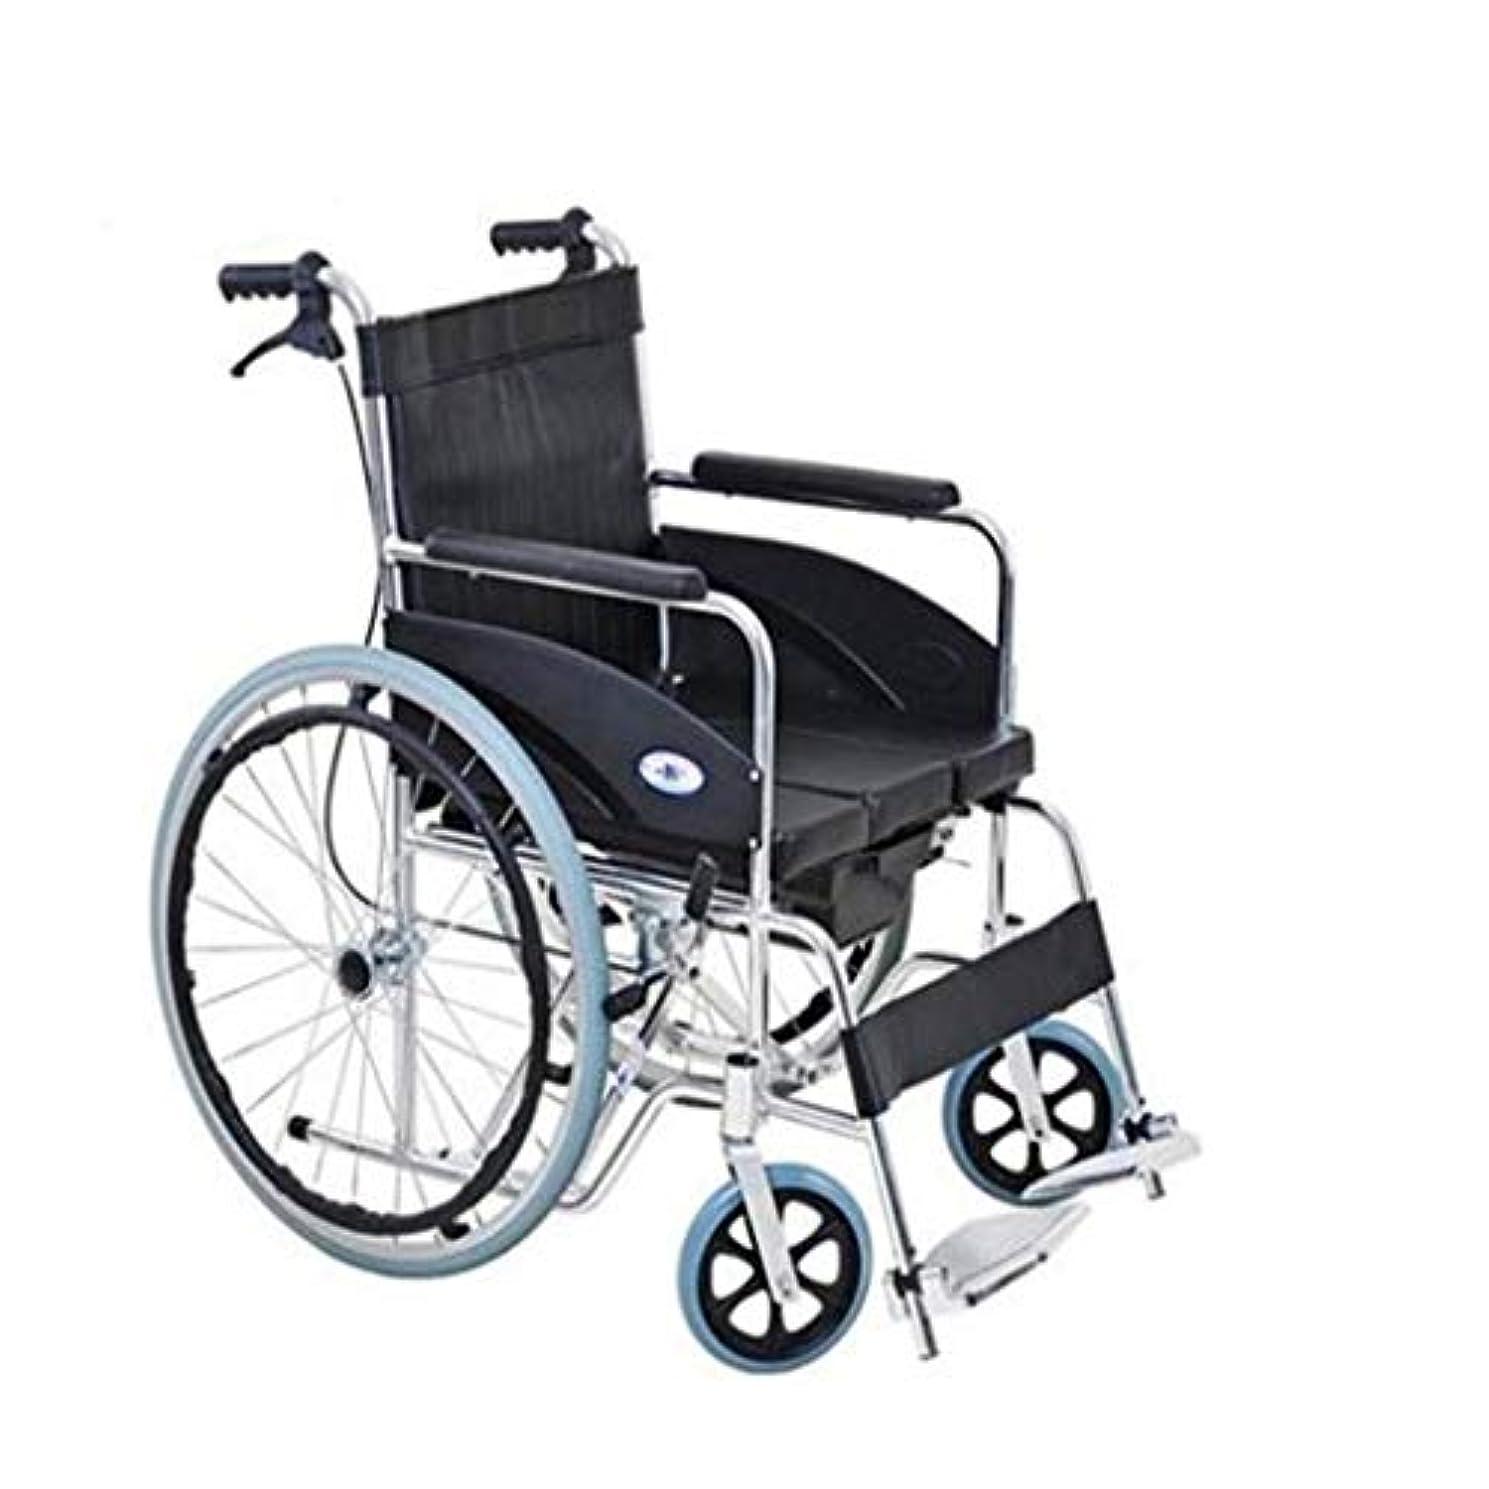 数学的な混沌シャット車椅子トロリー多機能安全ブレーキ、折りたたみ式軽量アルミニウム合金、高齢者障害者用屋外プッシュ車椅子